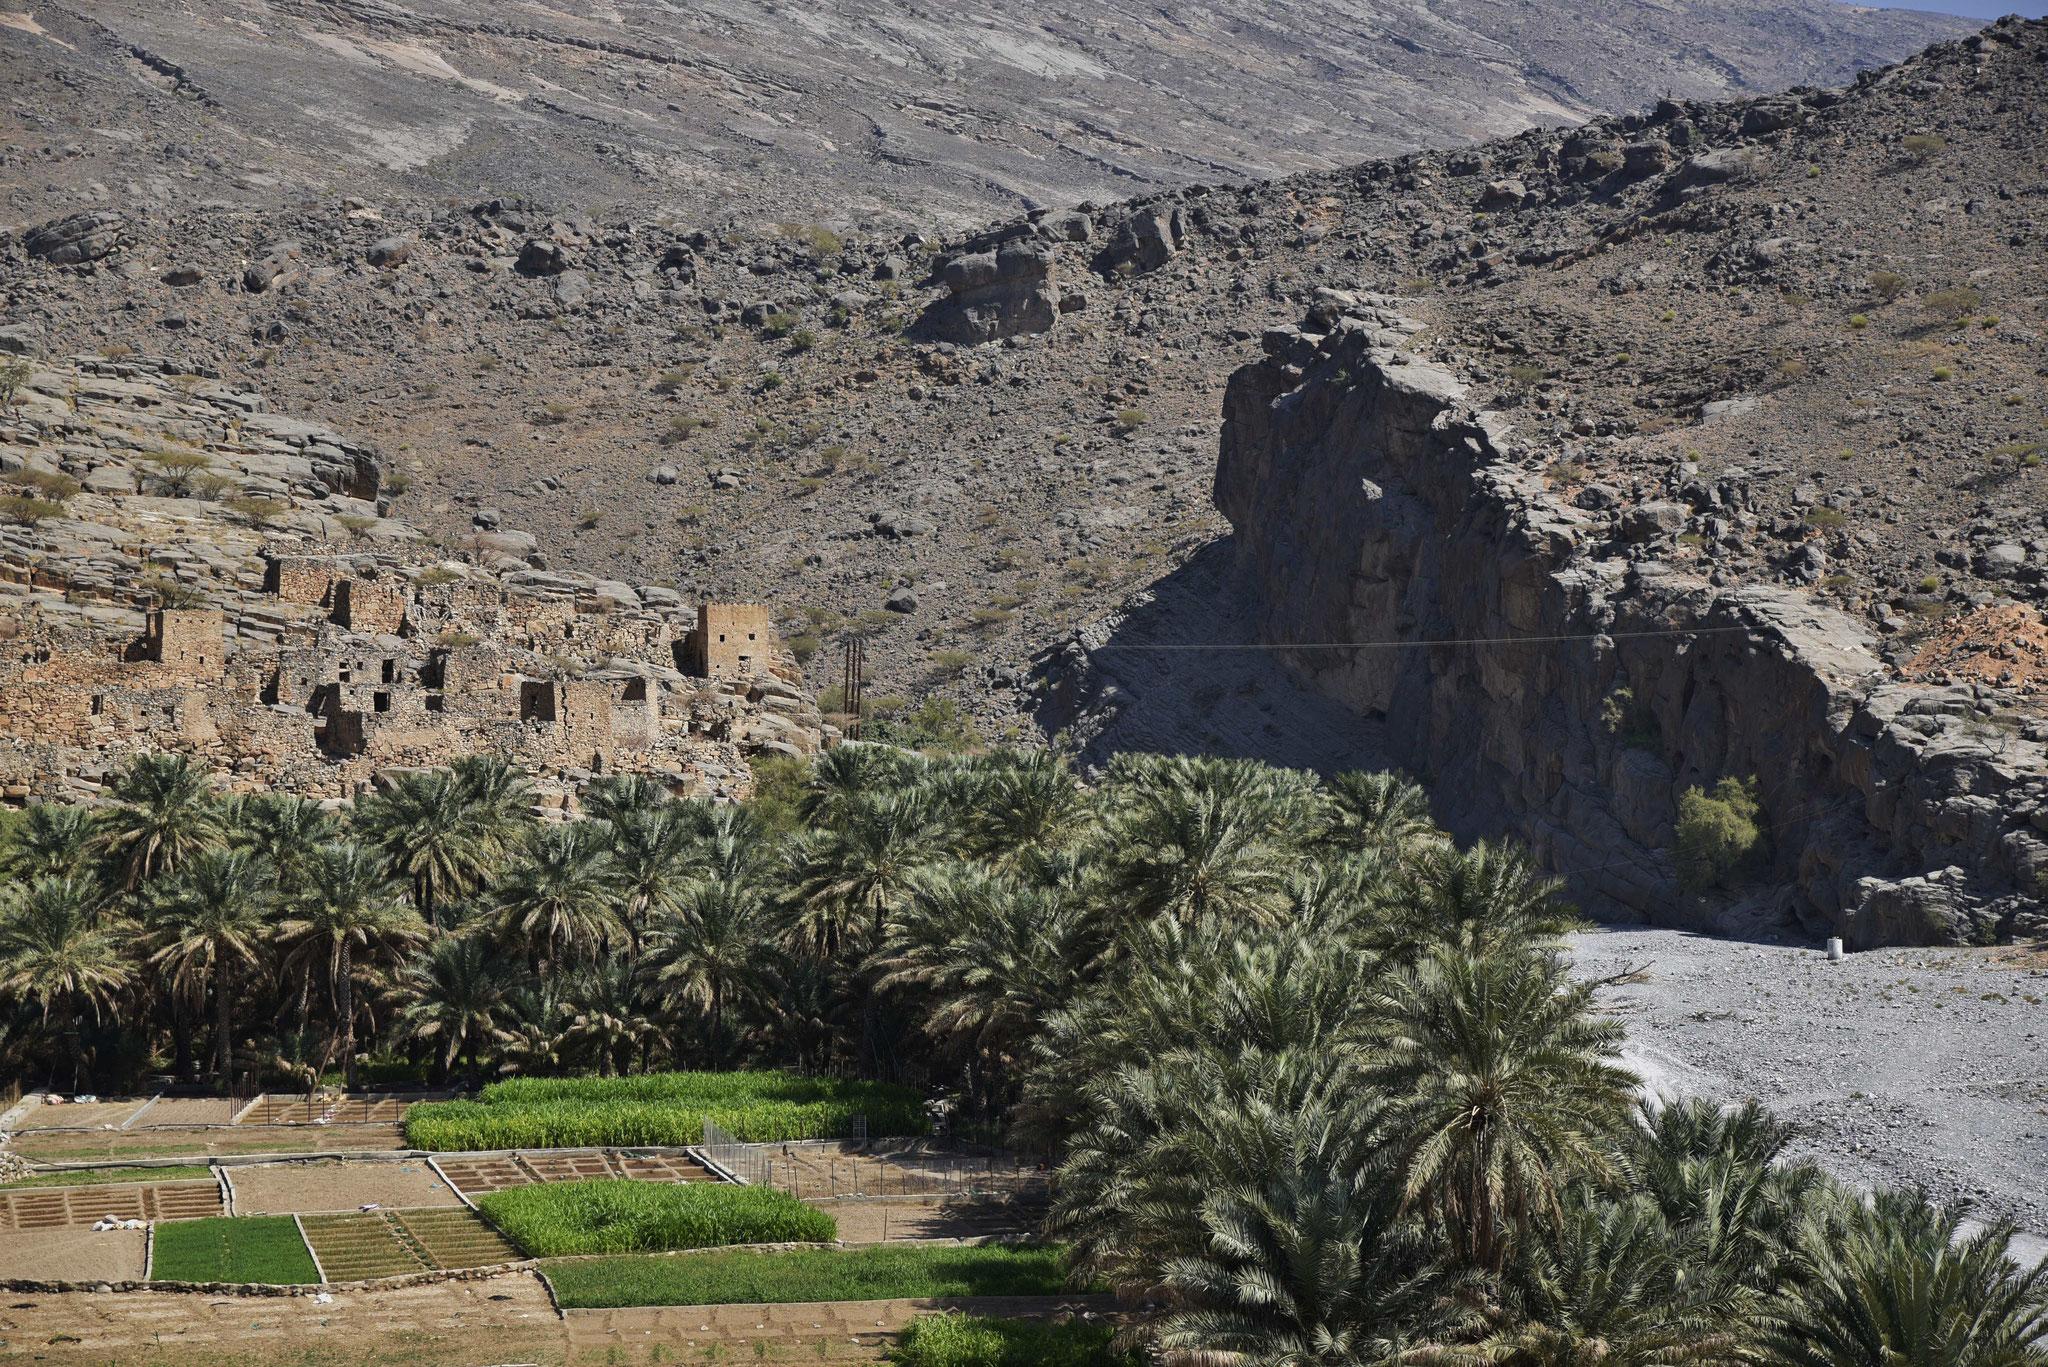 Auf dem Weg zum Jebel Shams I